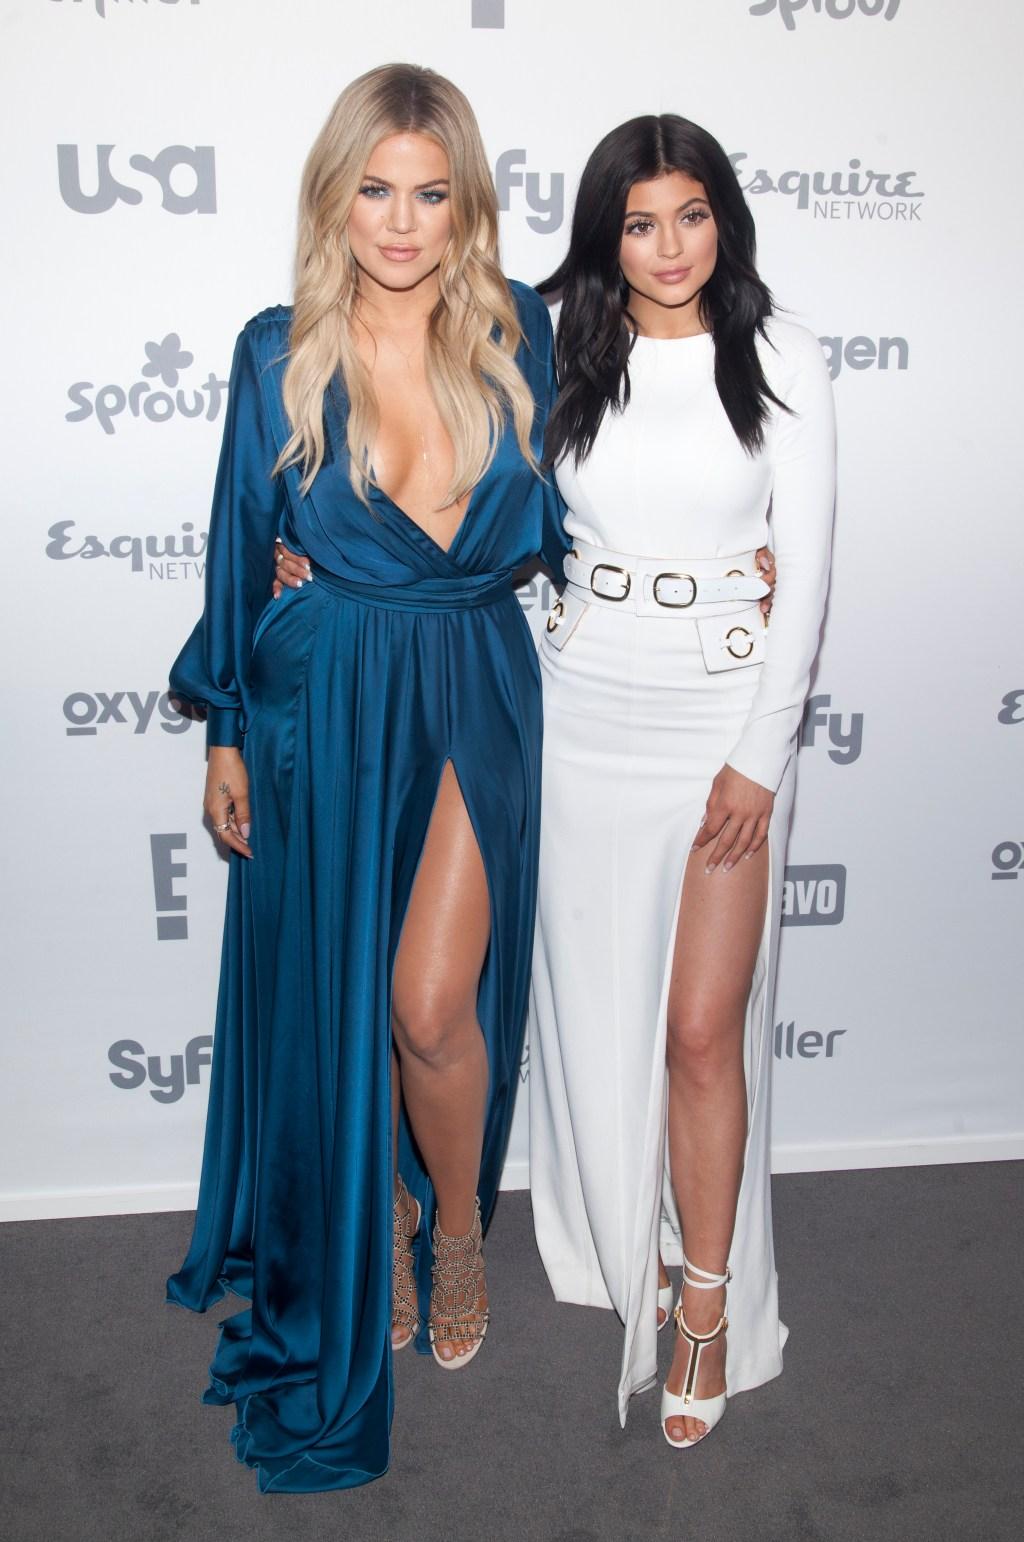 Khloe Kardashian Kylie Jenner